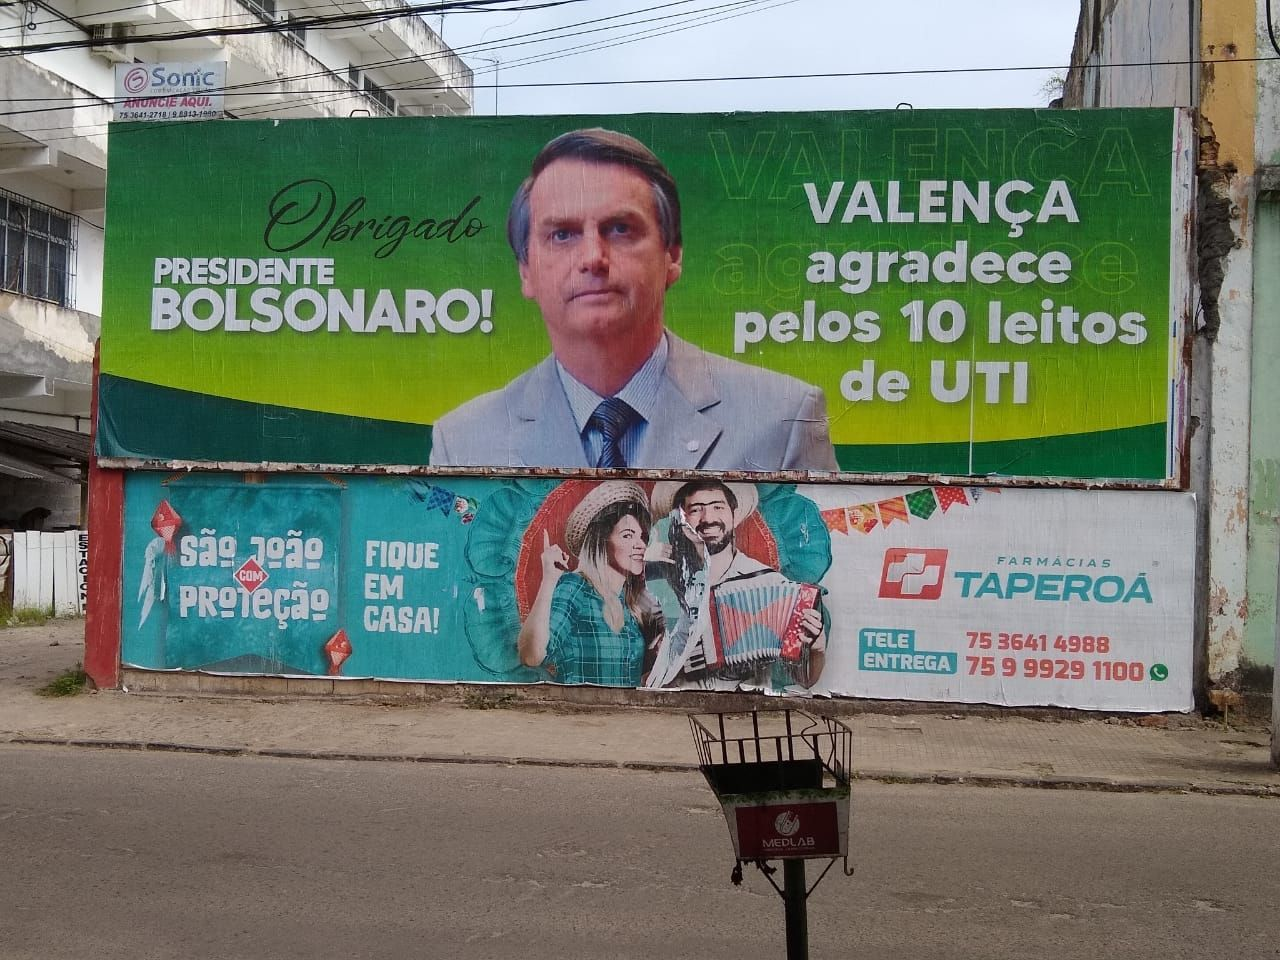 Outdoor de apoio ao presidente Jair Bolsonaro em Valença, no interior da Bahia: aprovação no Nordeste cresceu após o auxílio emergencial.